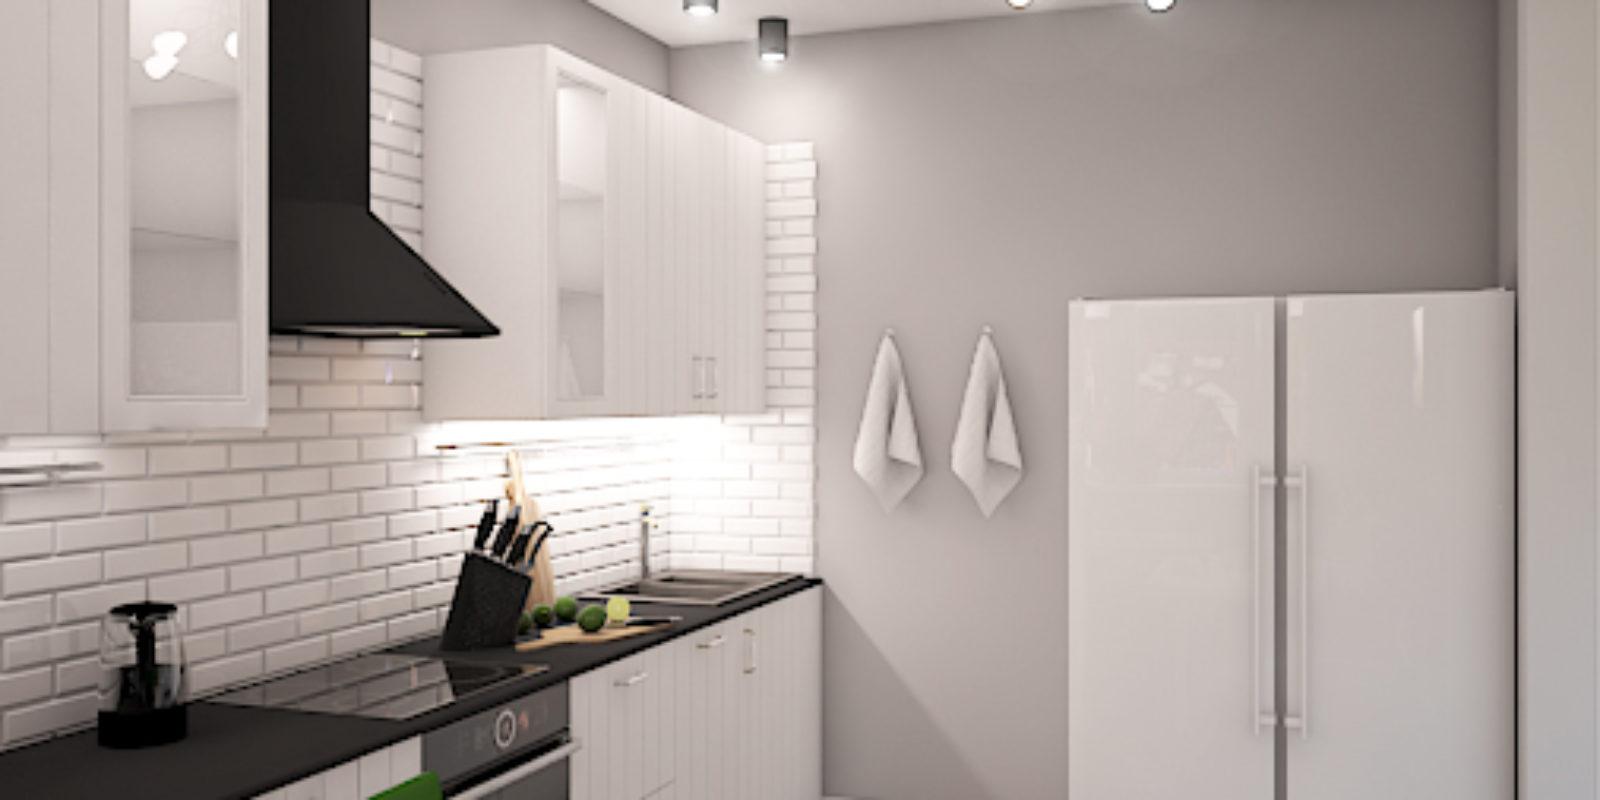 Дизайн проект двухуровневой квартиры. Кухня.